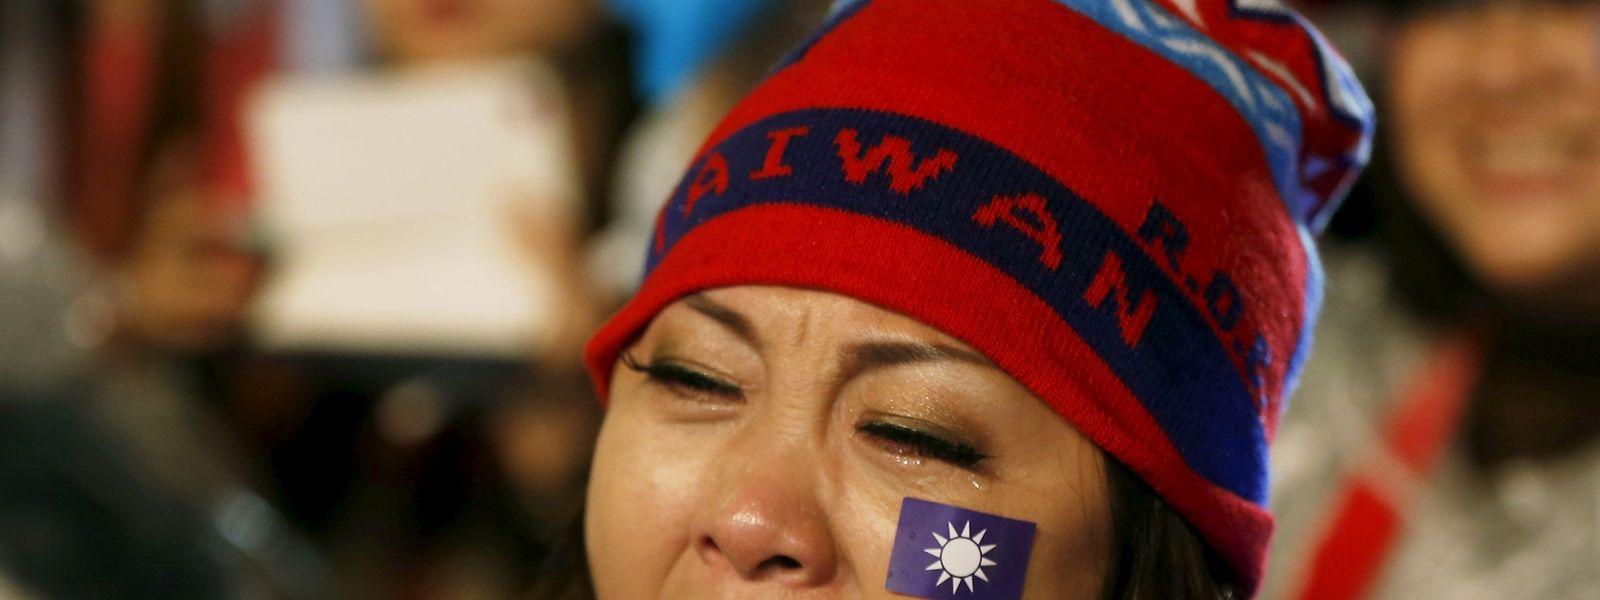 Emotionale Momente der Demokratie in Taiwan.